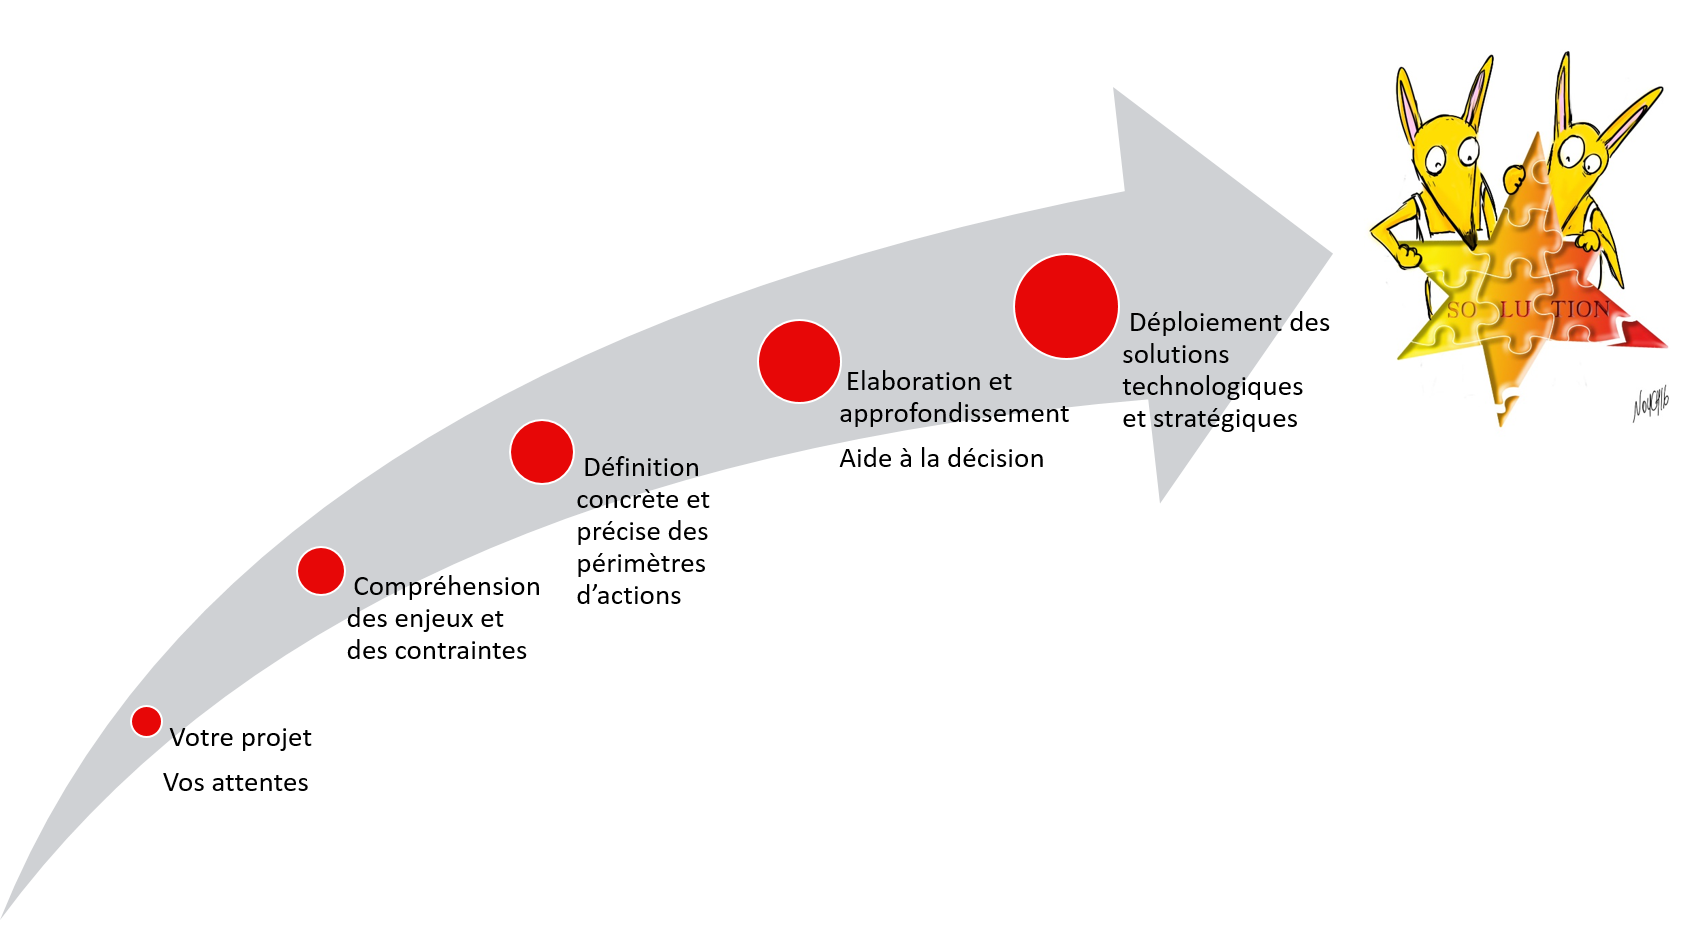 Votre projet, Vos attentes - Compréhension des enjeux et des contraintes - Définition des périmètres d'actions - Elaboration et Aide à la décision - Déploiement des solutions technologiques et stratégiques